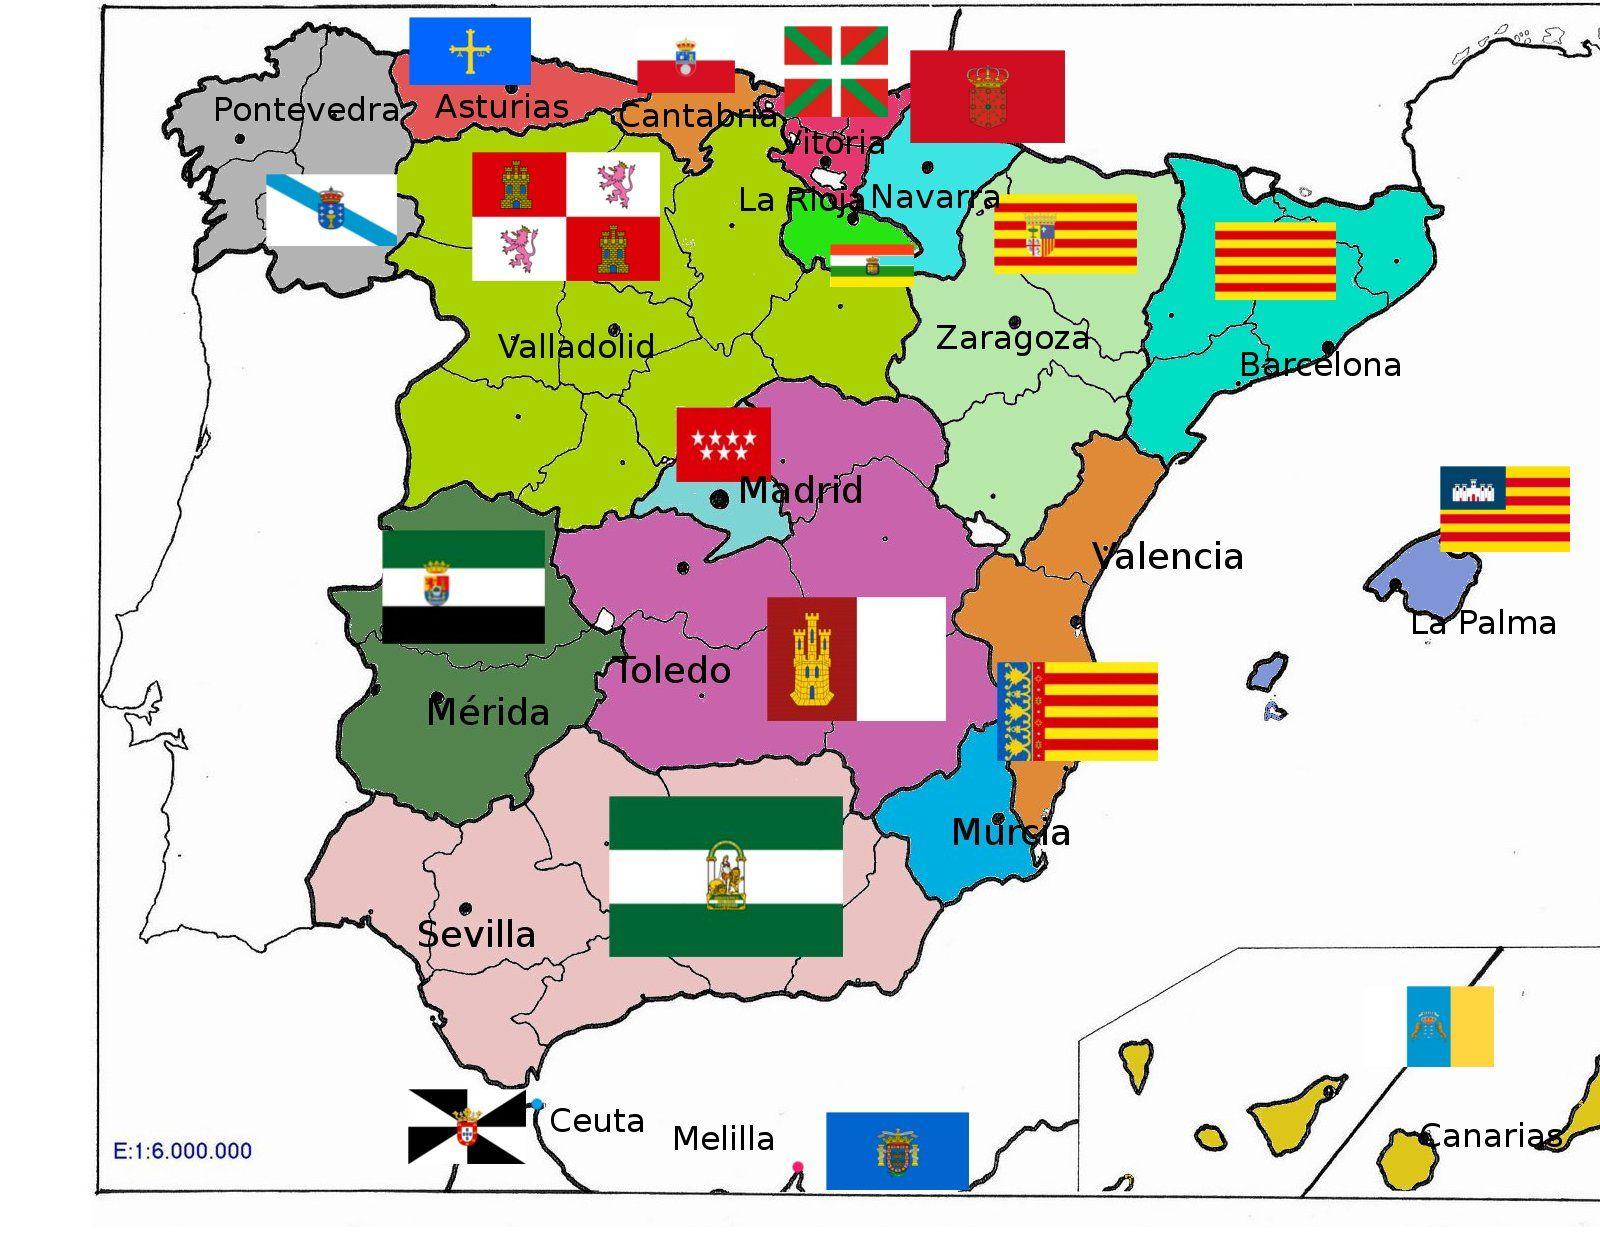 mapa politico españa - Buscar con Google